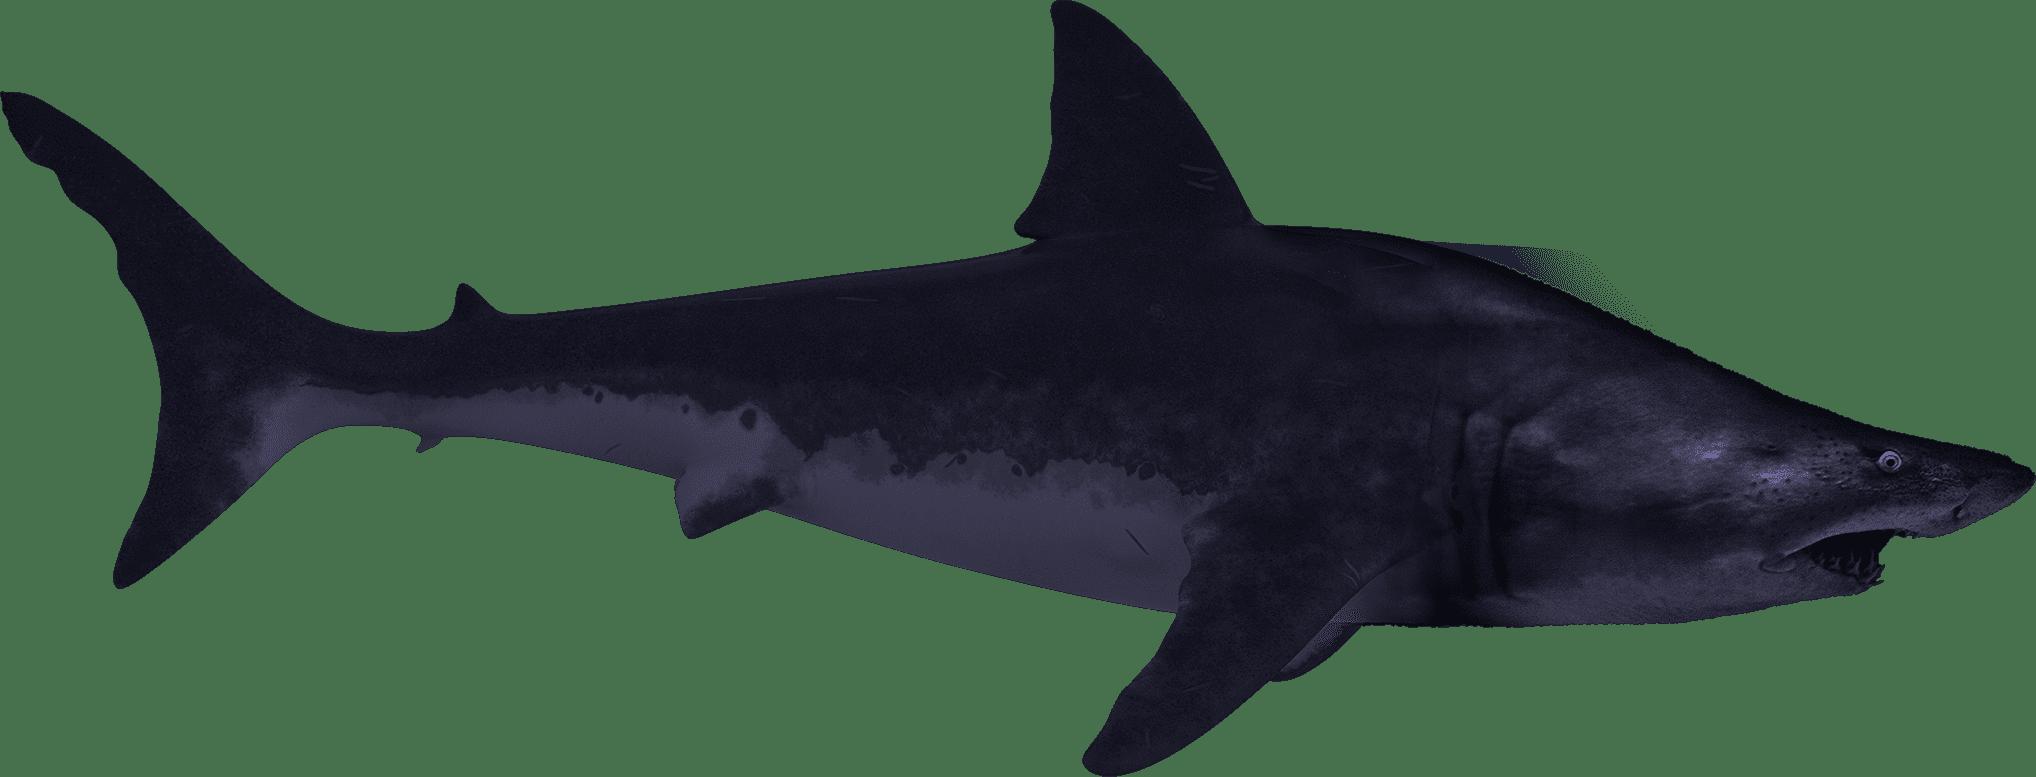 迫りくるサメさん